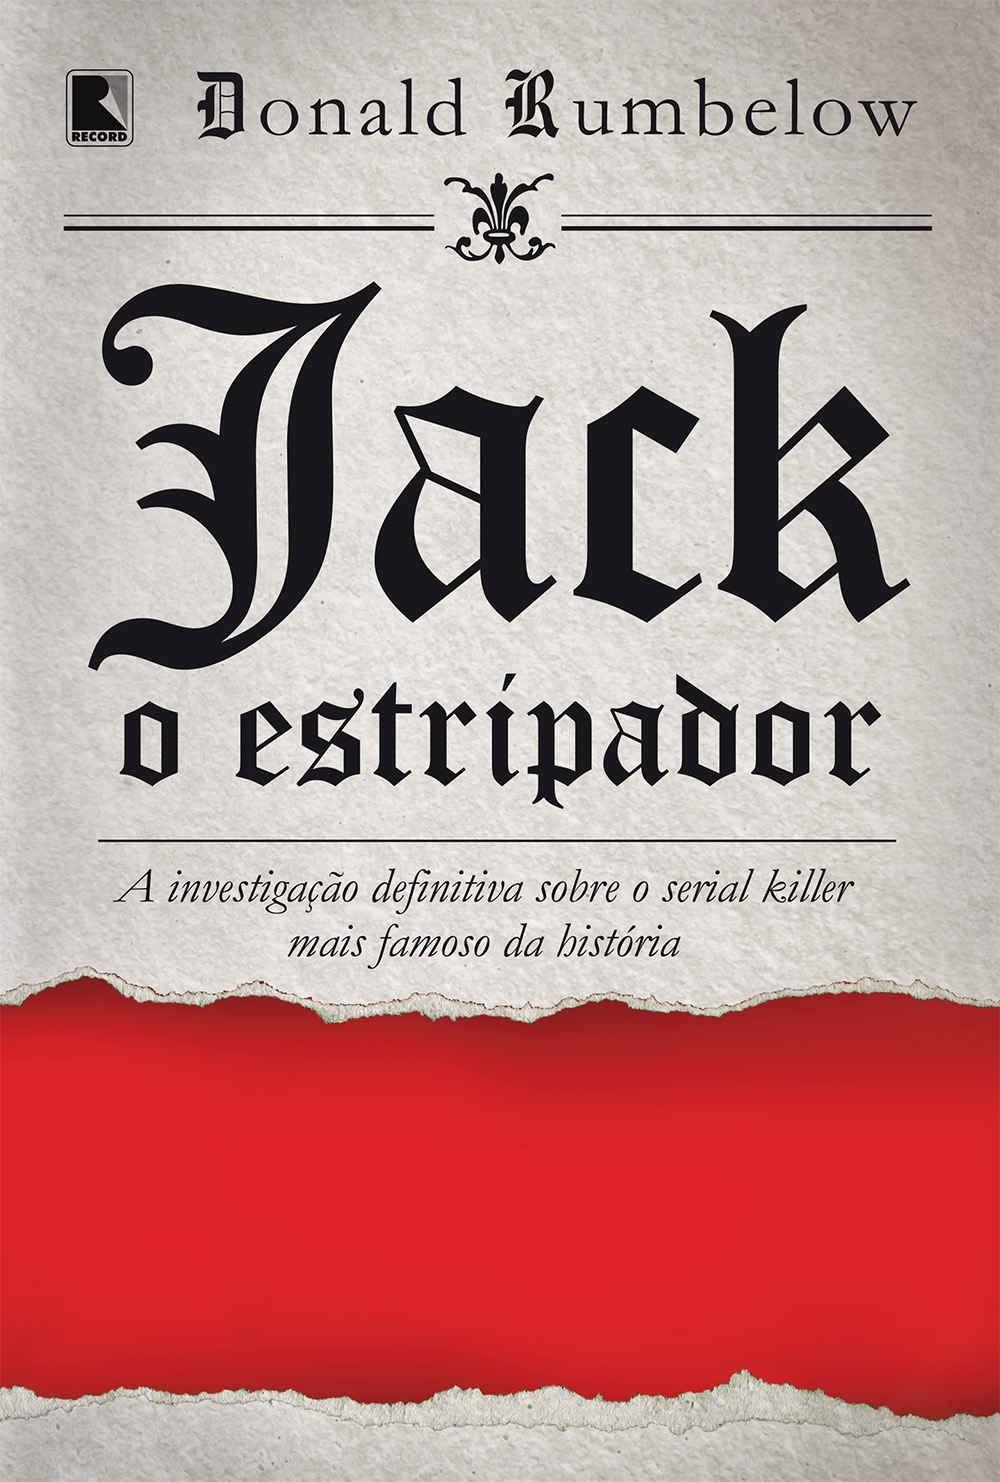 Jack, o estripador (Foto: Divulgação)